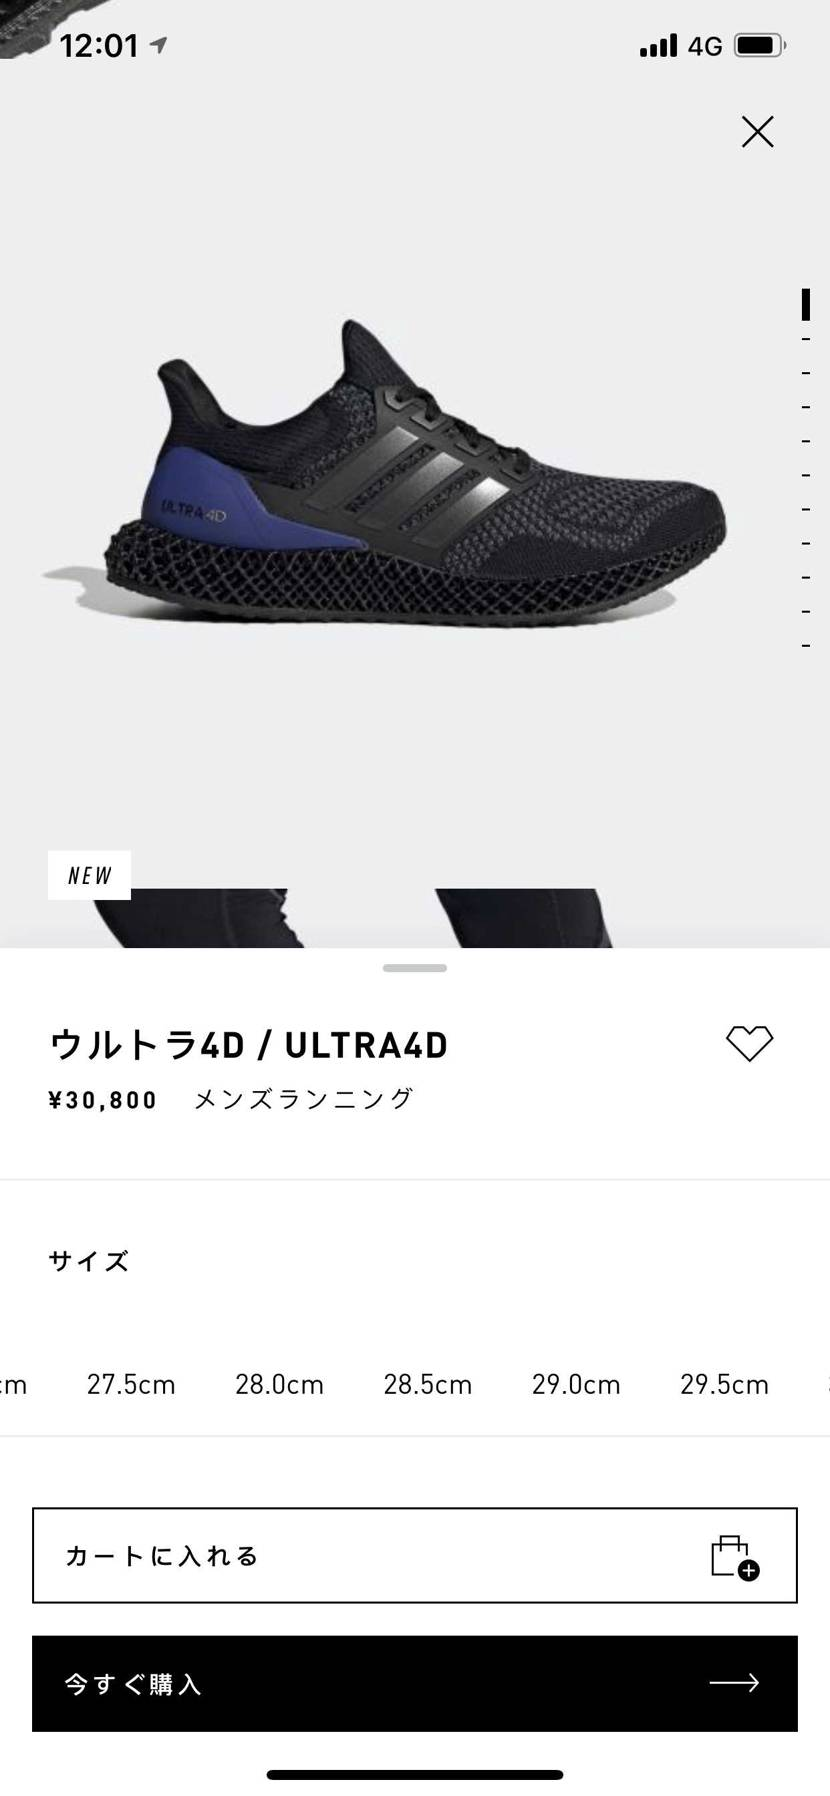 値段が…? 20800 or 30800